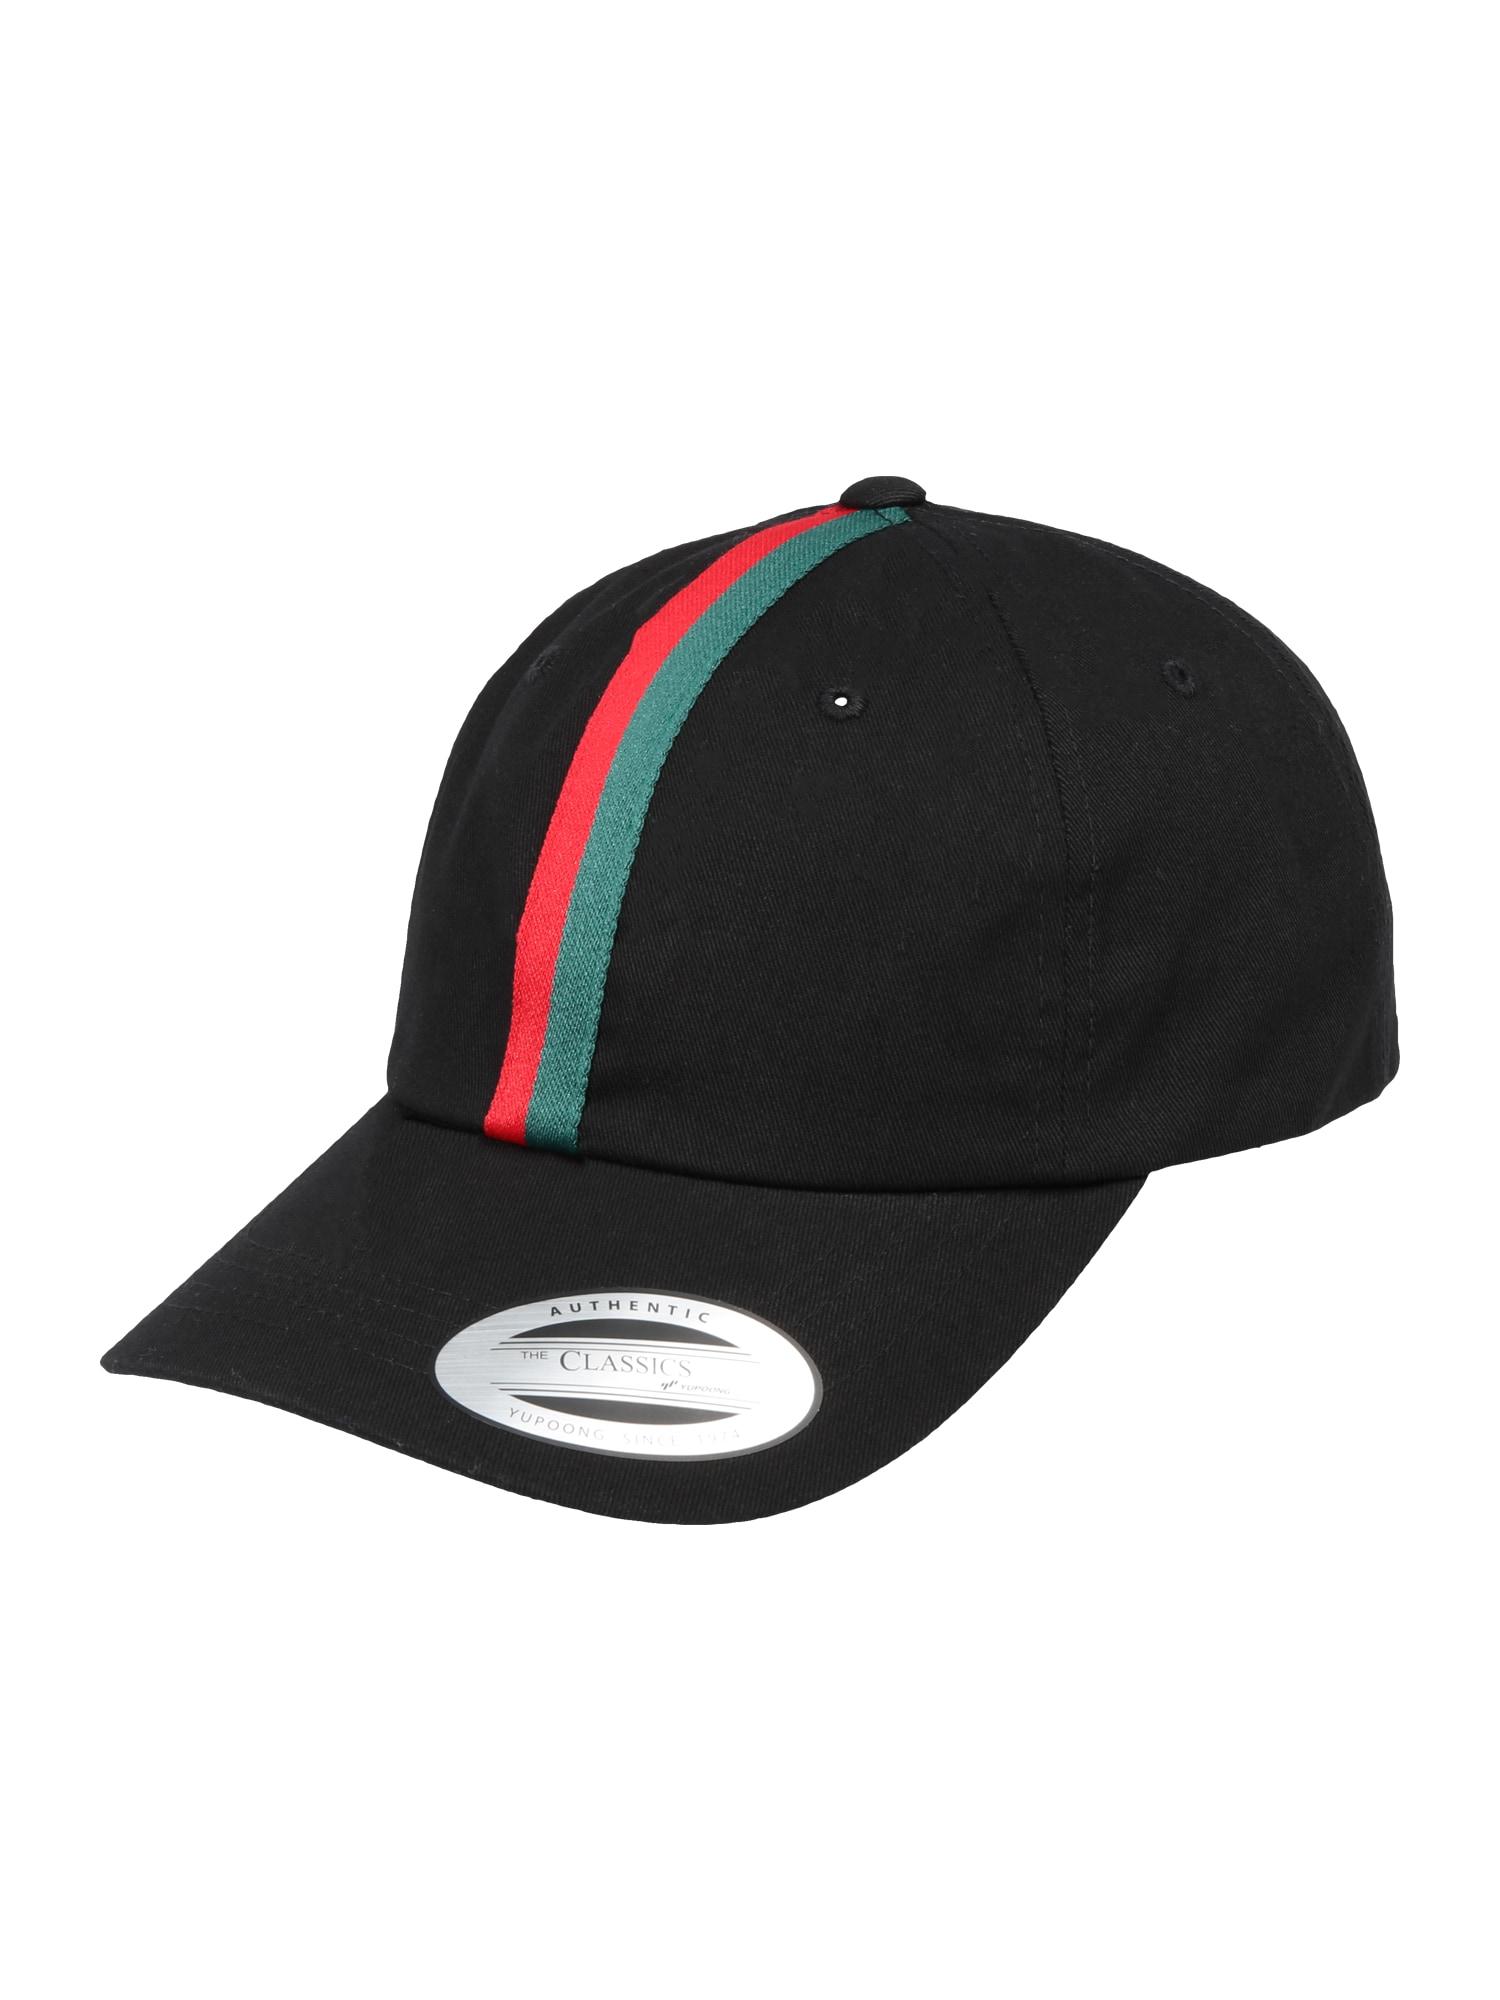 Kšiltovka Stripe Dad Hat zelená červená černá Flexfit